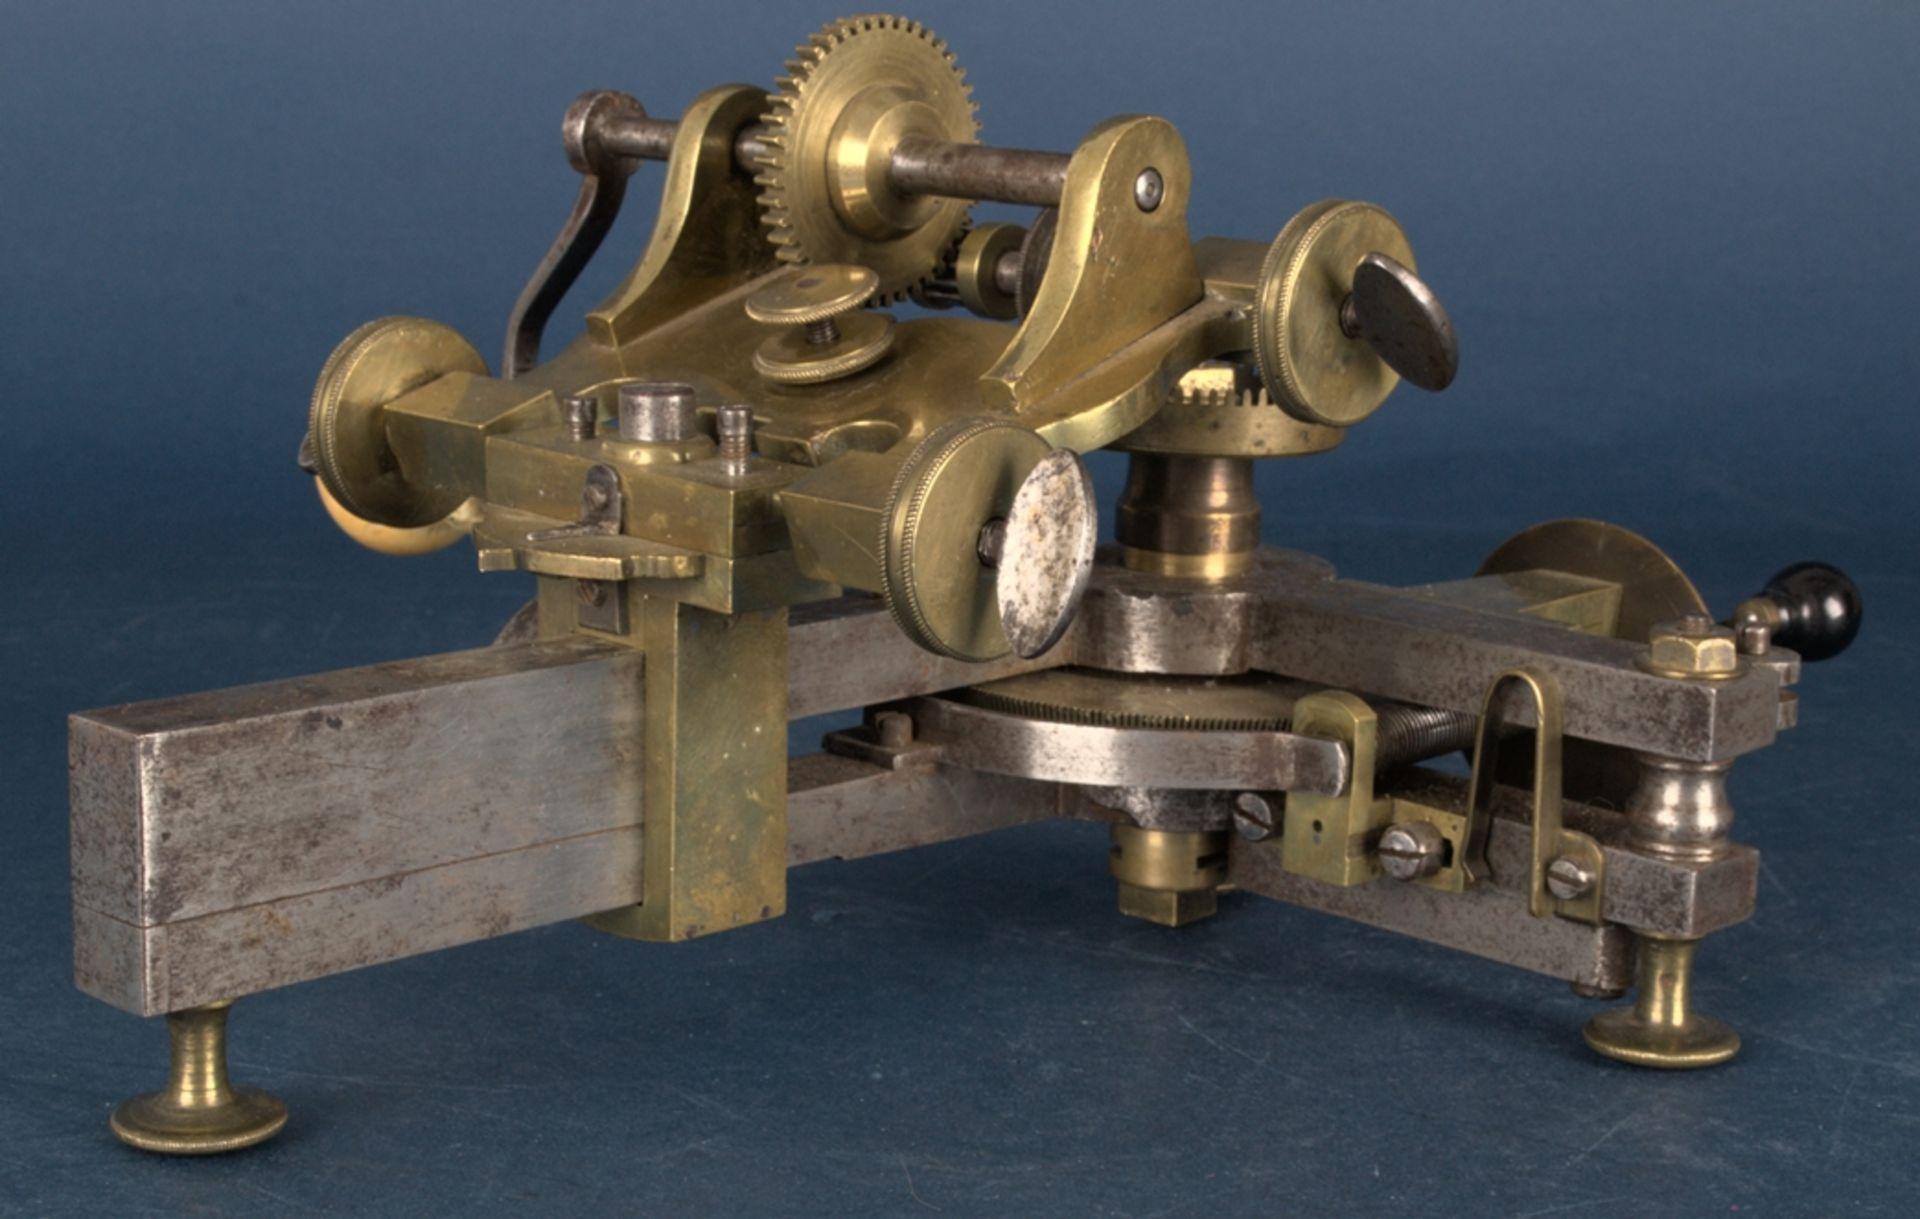 Zahnradfräsmaschine/Zahnräderschneidemaschine, frühes Uhrmacherwerkzeug, deutsch Mitte 18. Jhd., - Bild 4 aus 29